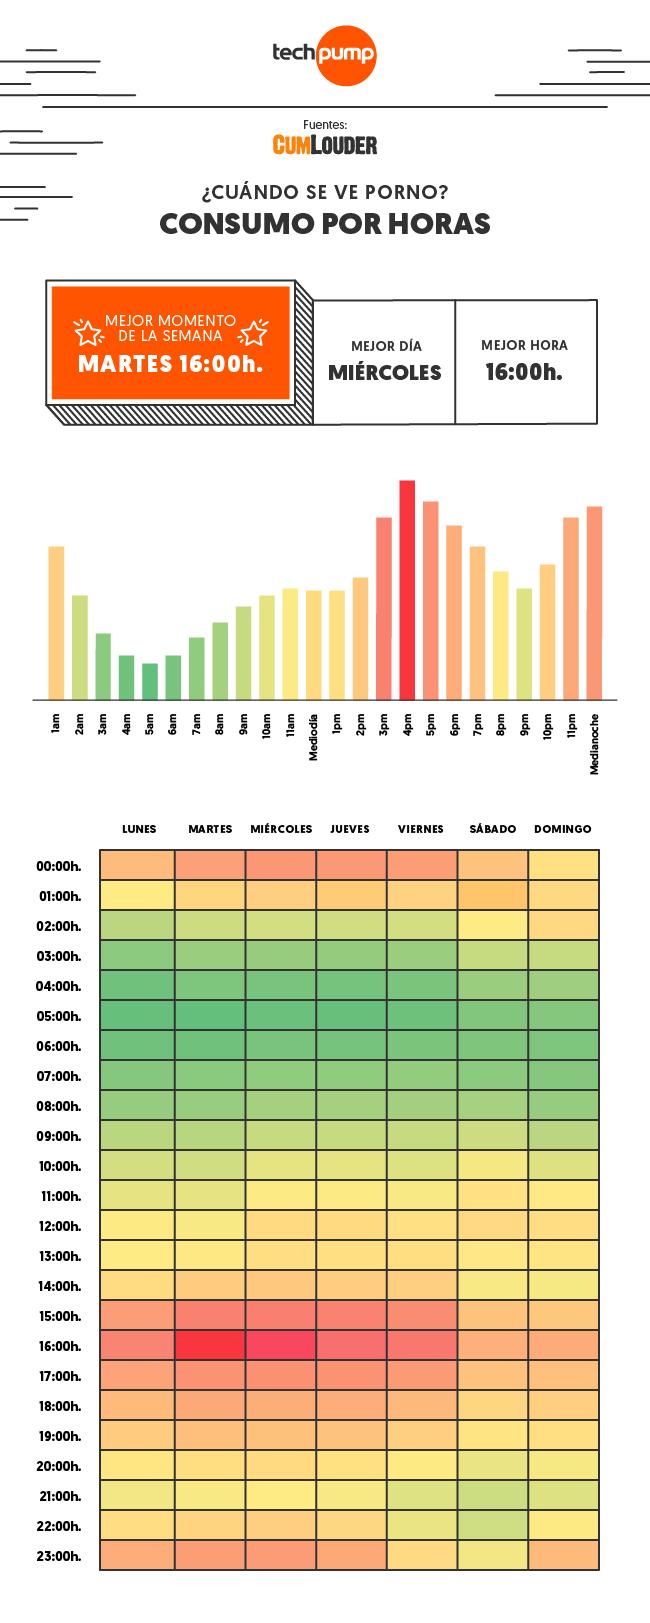 Consumo horas y días 2017 cumlouder